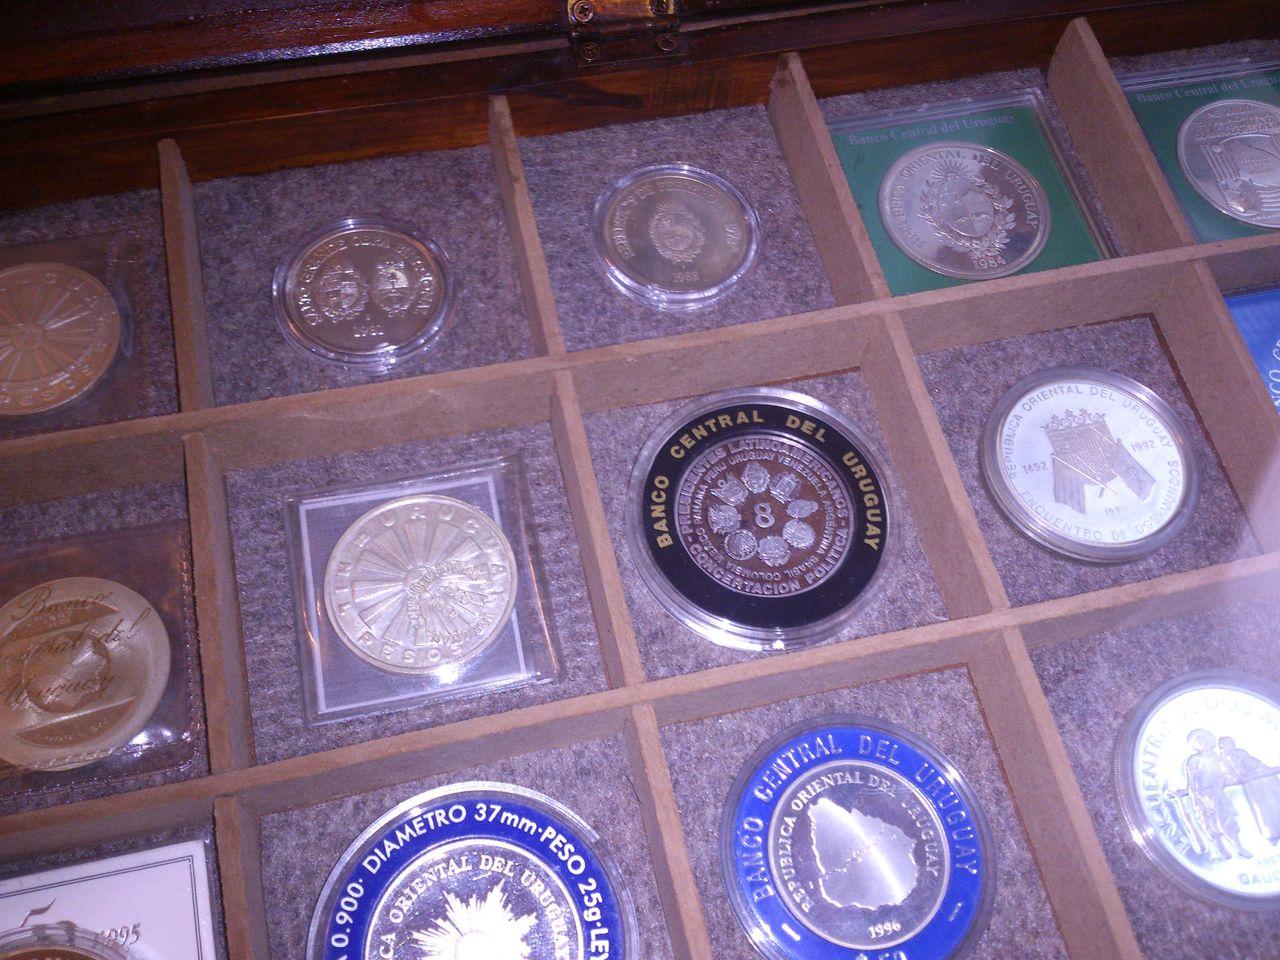 Monedas conmemorativas de Uruguay acuñadas en plata 1961 - Presente. IMG_20150905_WA0012